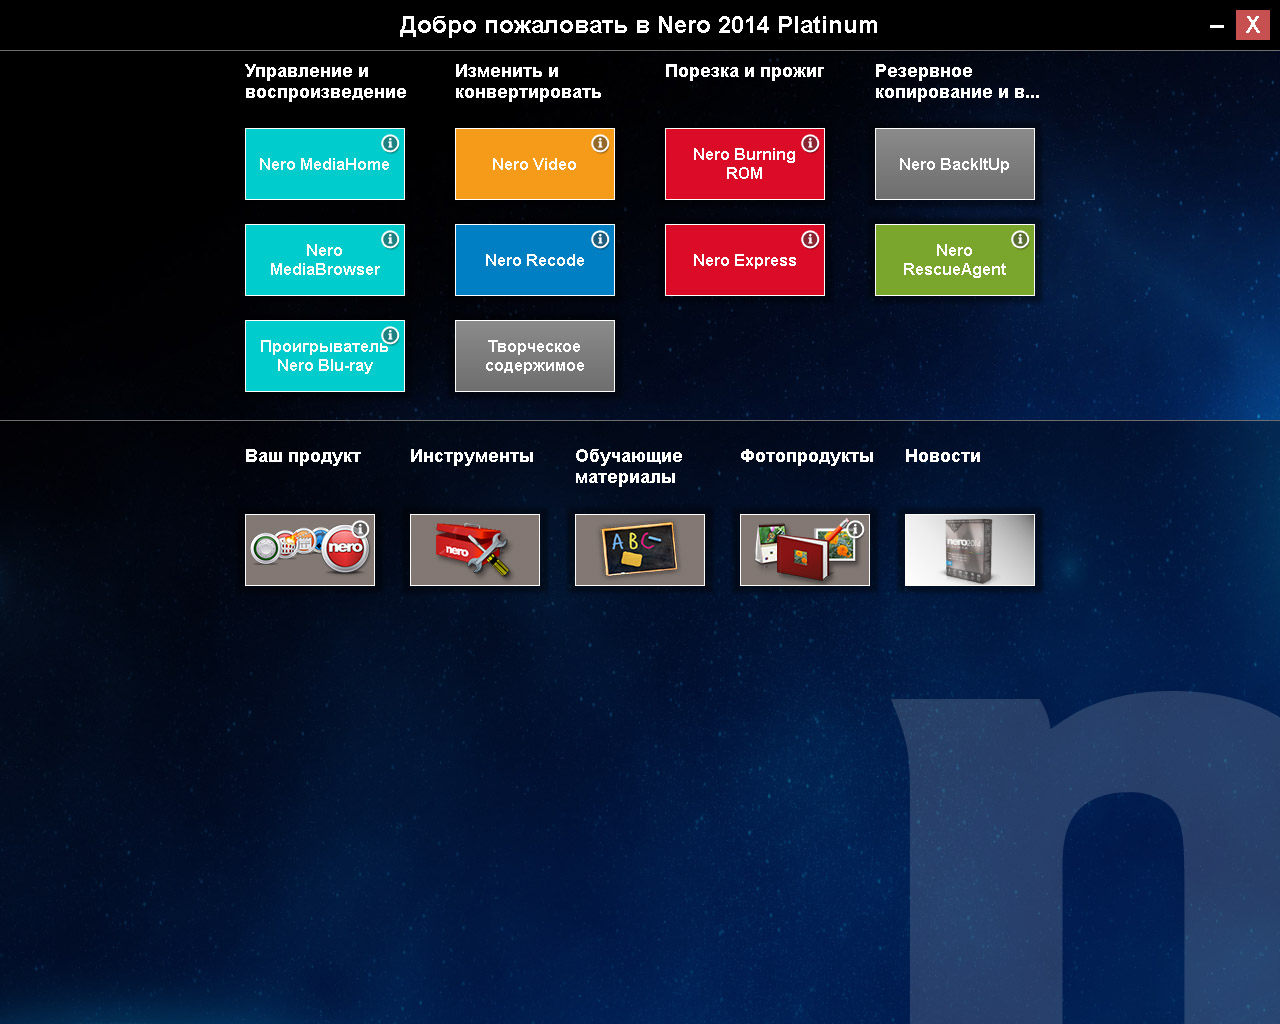 Программа Nero 2014